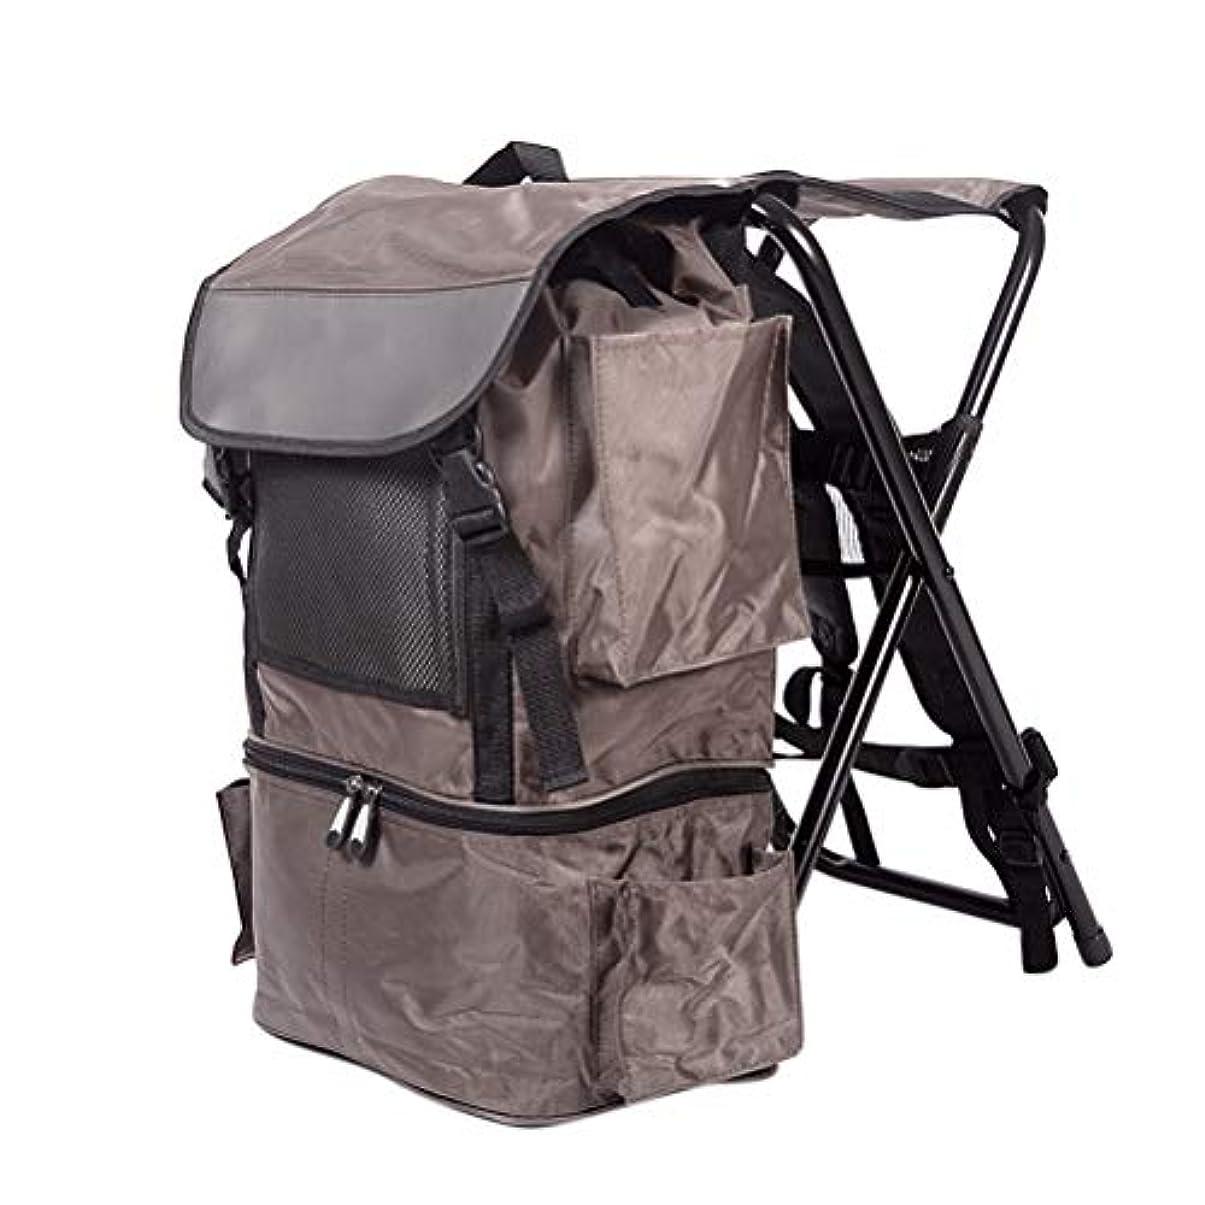 無条件肯定的足音折りたたみ式バックパックとスツールコンボパック、ポータブル2 in 1ピクニック/アウトドアアクティビティバックパック&スツールキャンプ/釣り用ハイキングバッグハイキングビーチ旅行